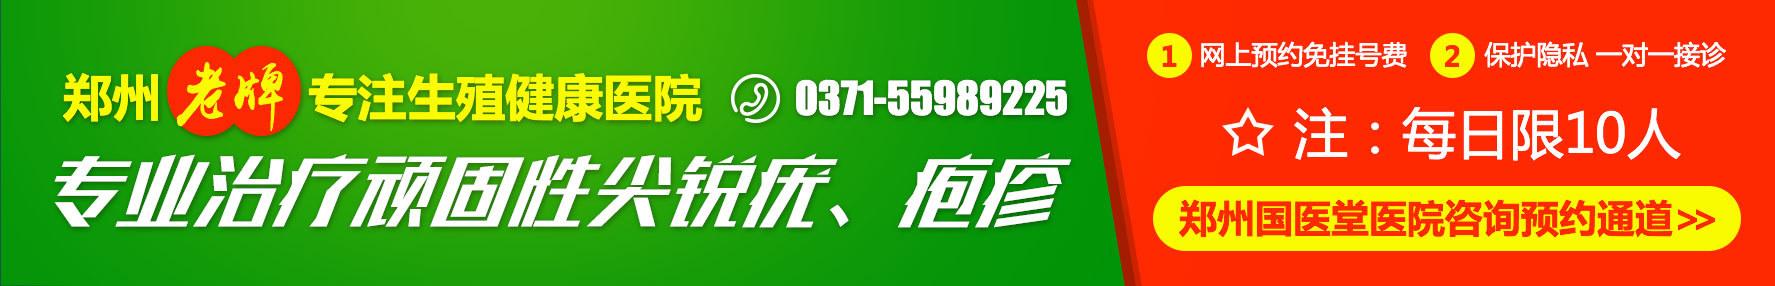 郑州性病医院